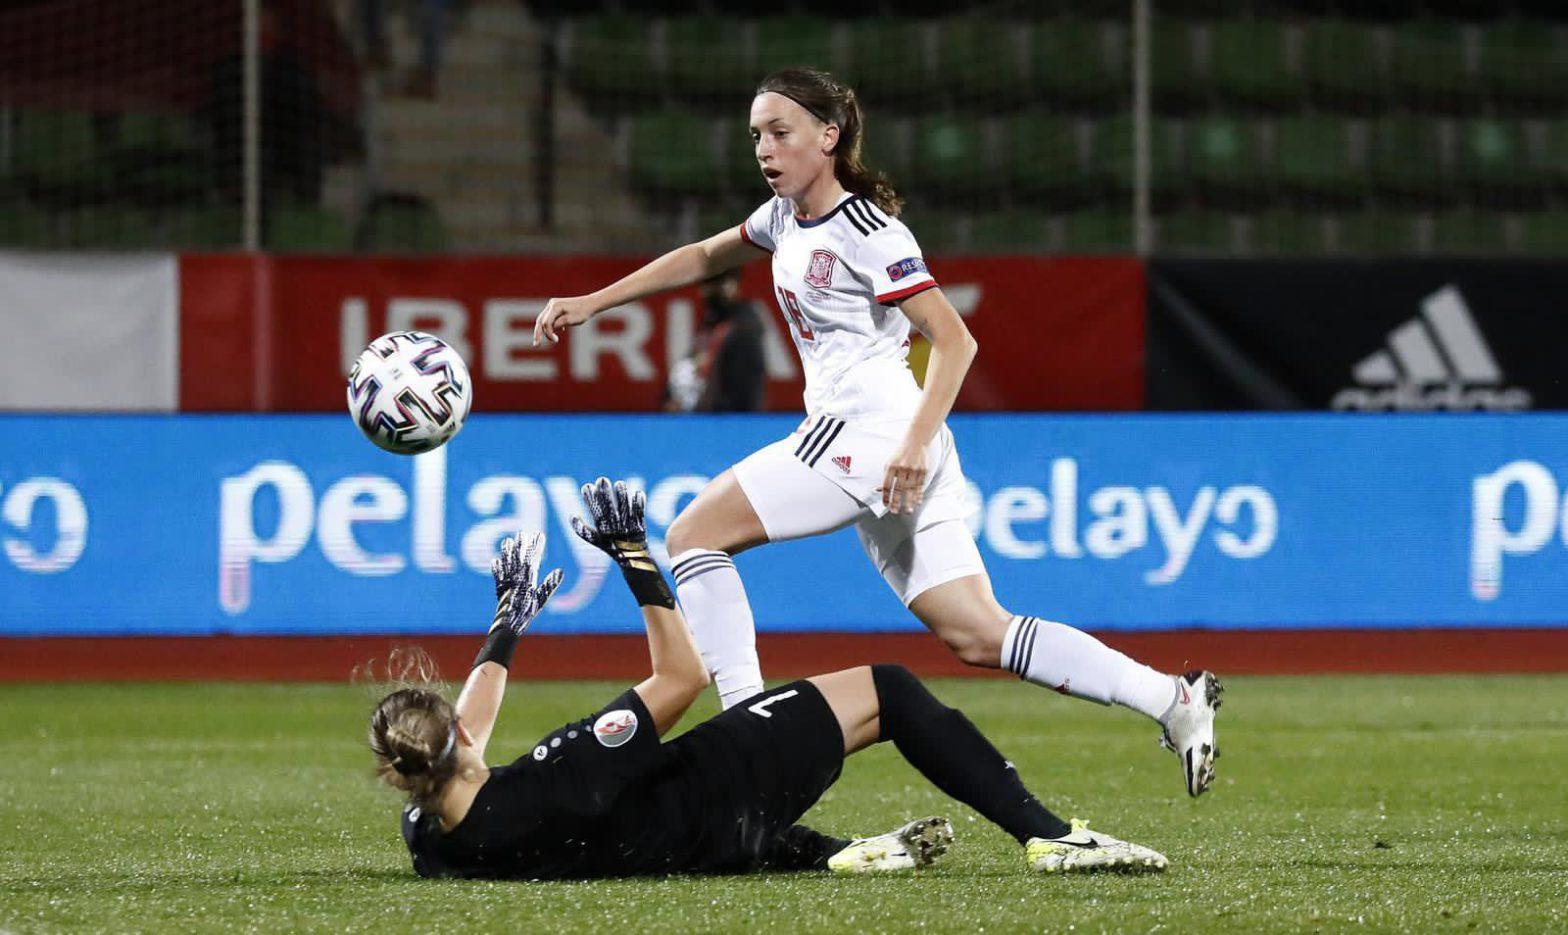 La internacional Eva Navarro debuta en la Selección y marca el gol que le hace cumplir un sueño